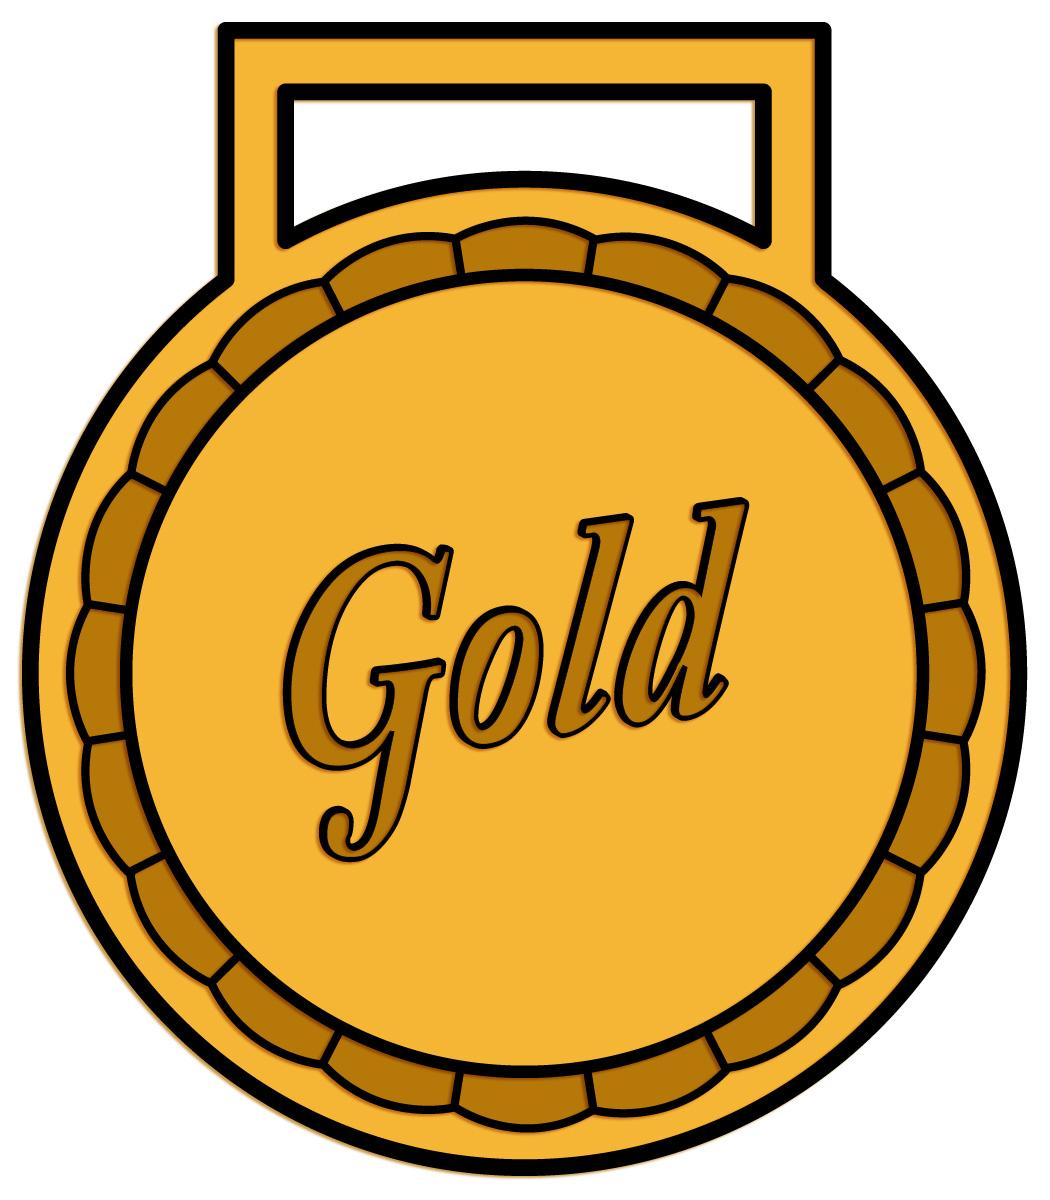 Golden color clipart svg free download Clip Art: Award Gold Color | Clipart Panda - Free Clipart Images svg free download